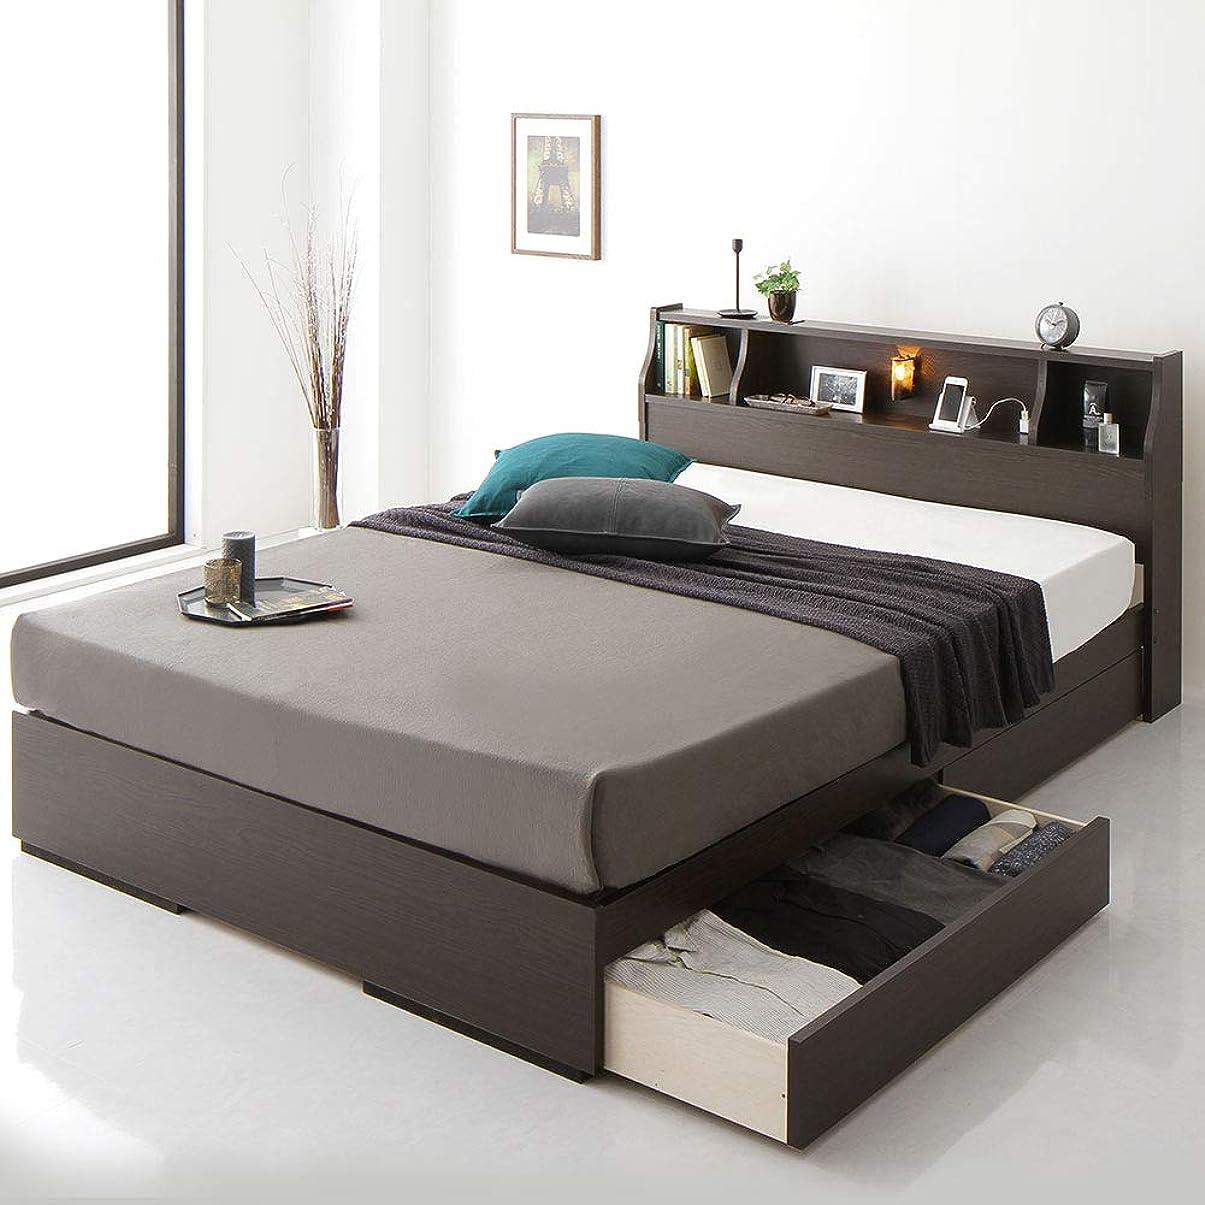 連結する不利接触ベッド 日本製 収納付き 引き出し付き 木製 照明付き 棚付き 宮付き コンセント付き シンプル モダン ブラウン シングル ベッドフレームのみ